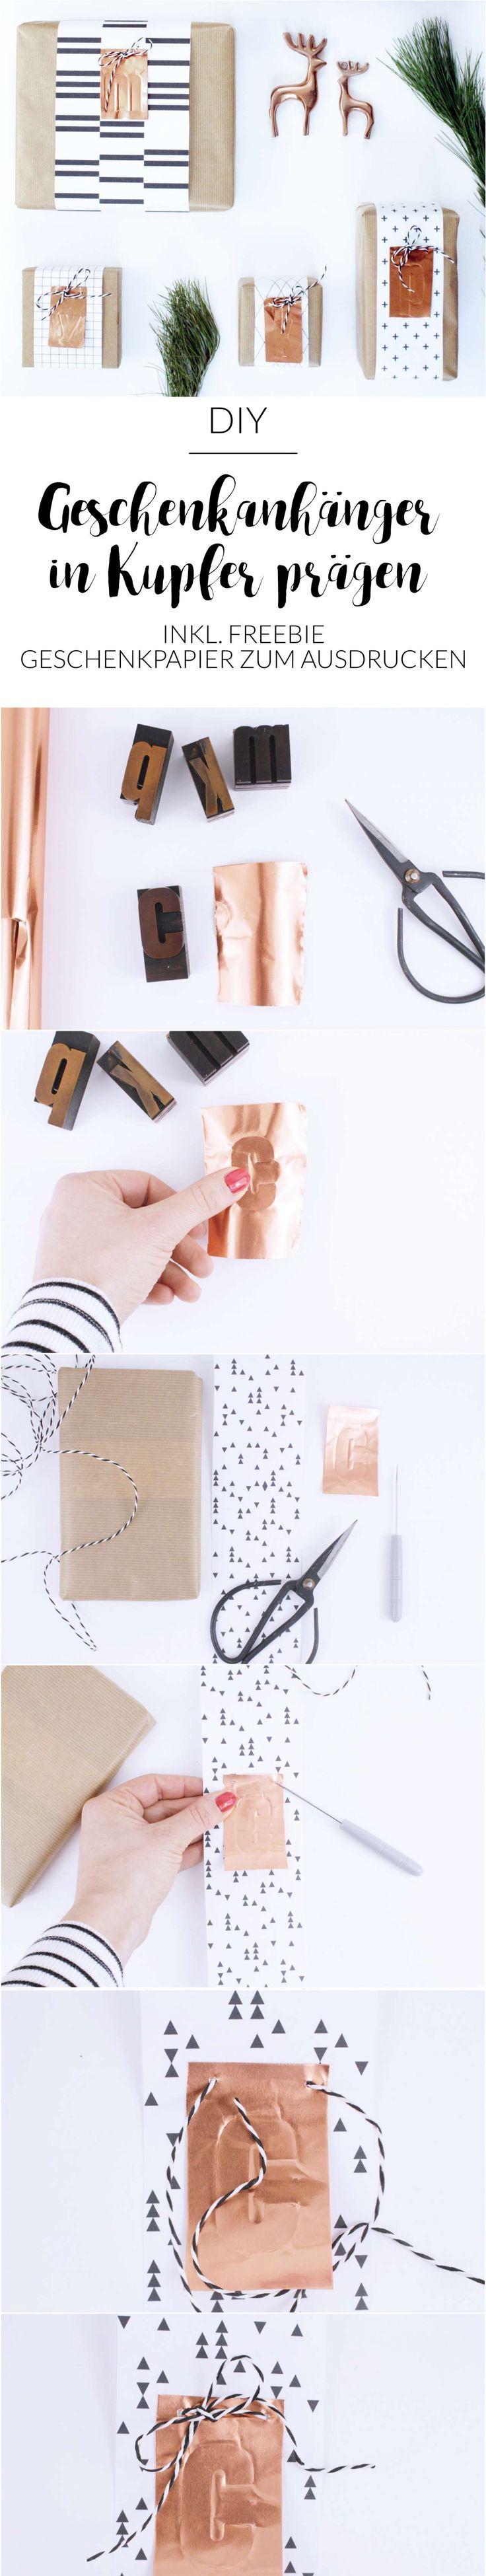 Stilsichere Geschenkverpackung mit Kupfer-Initialen ganz einfach selber machen. Inkl. Freebie mit 6 Geschenkpapieren in schwarz / weiß.